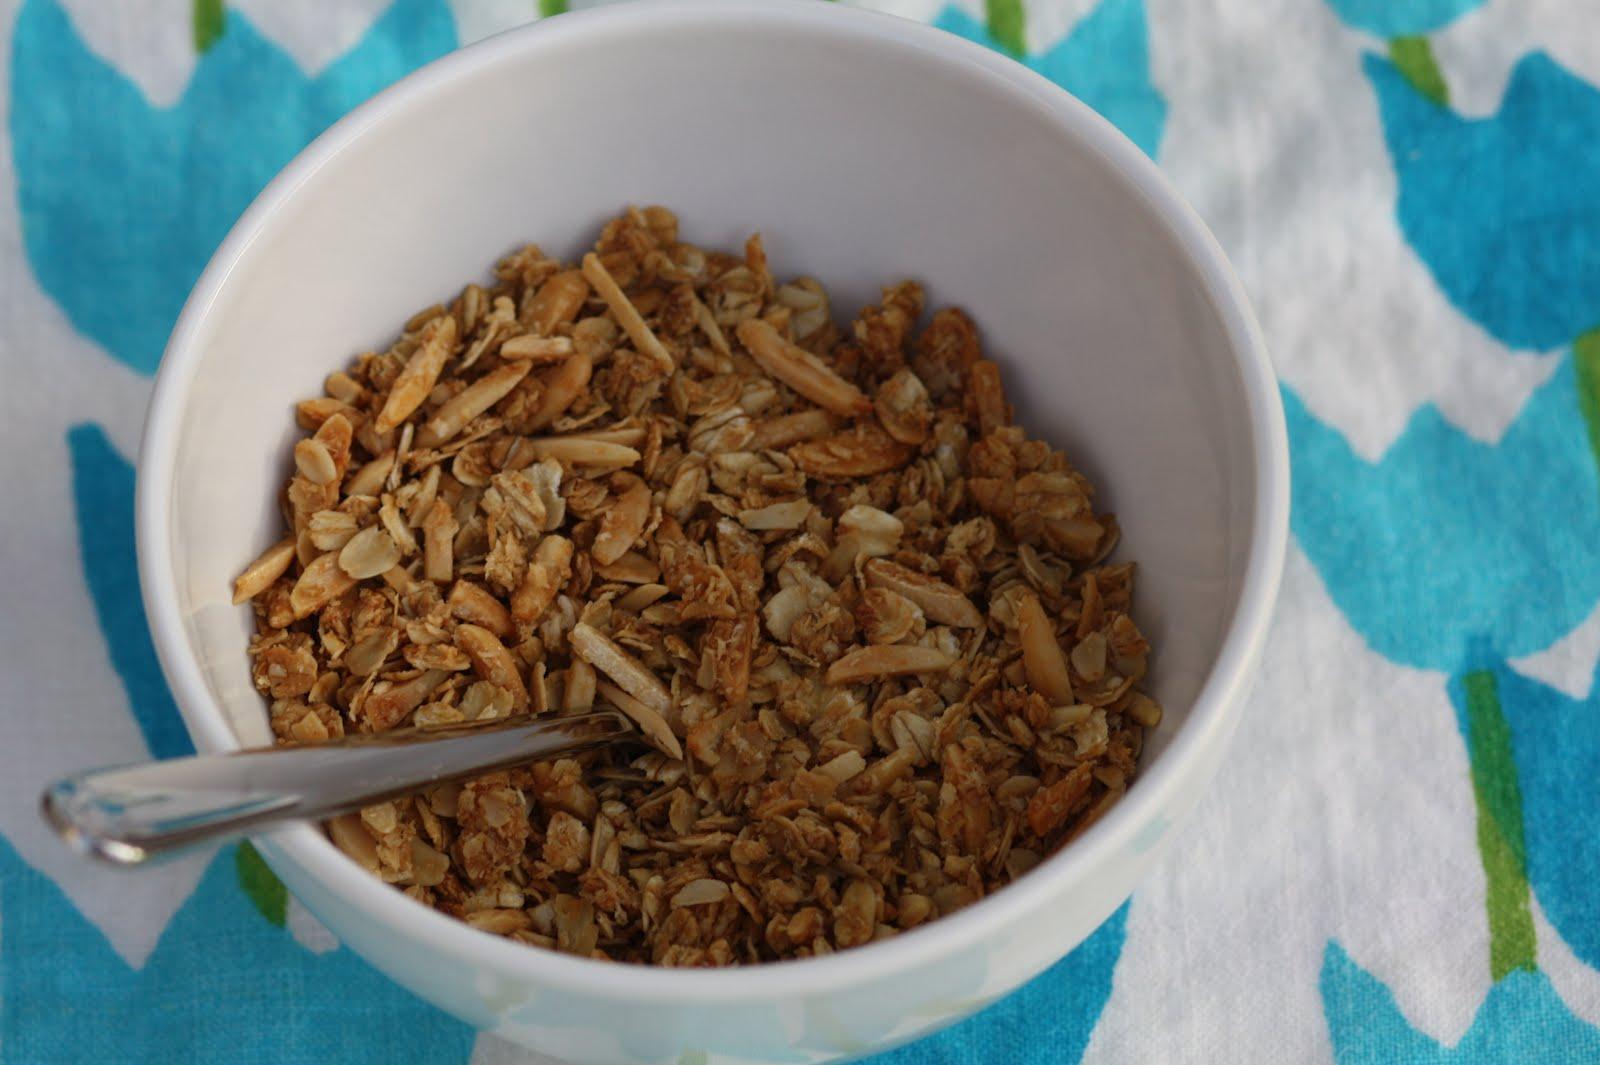 A Crafty Escape: Homemade Granola